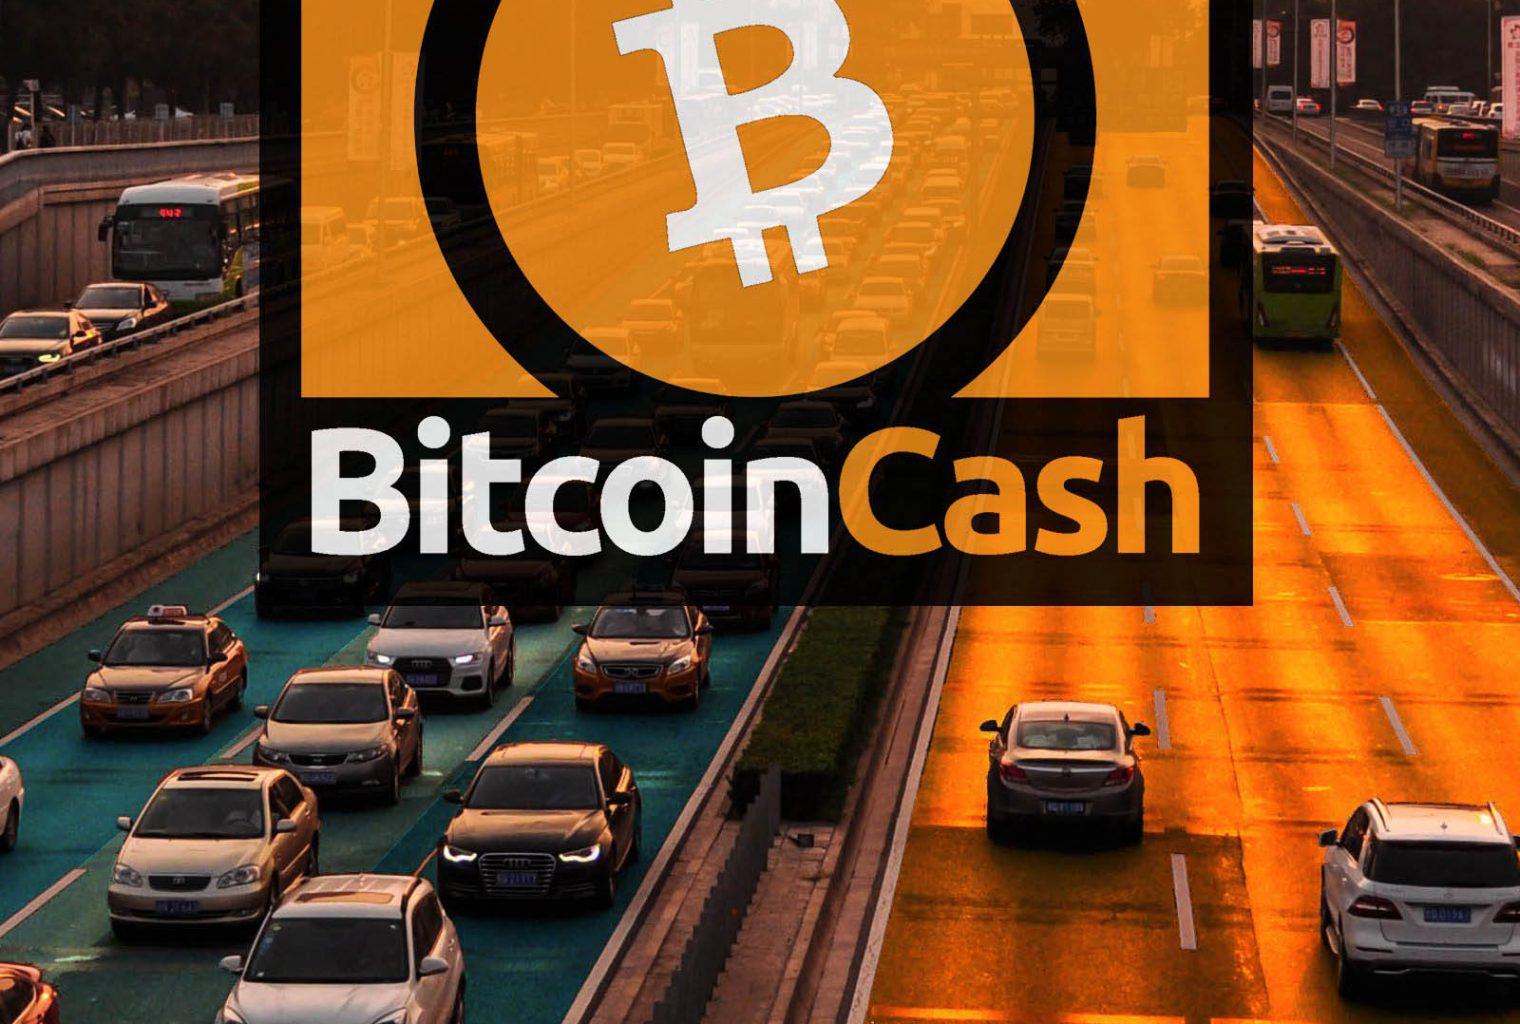 Bitcoin Cash Surges as Businesses Abandon Legacy BTC